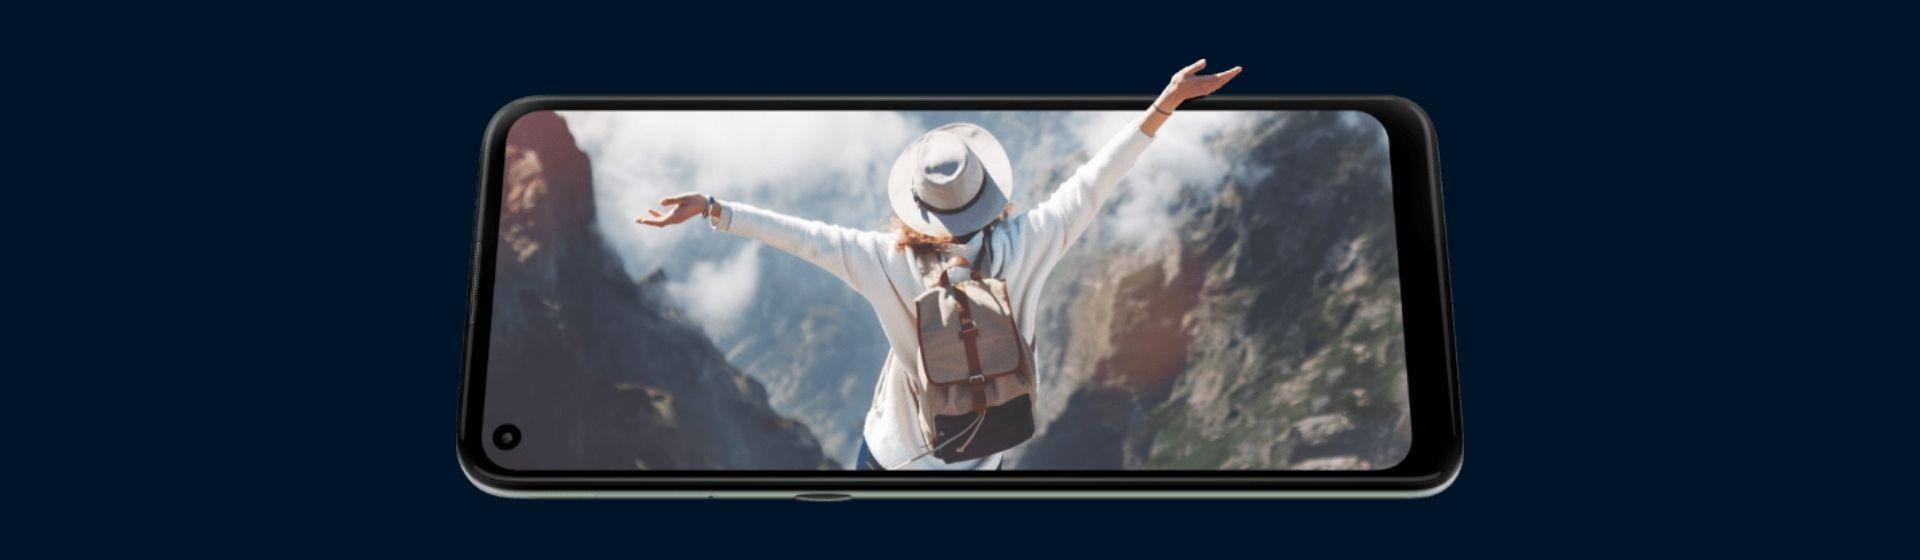 Moto G9 Power: veja a análise de ficha técnica do celular Motorola